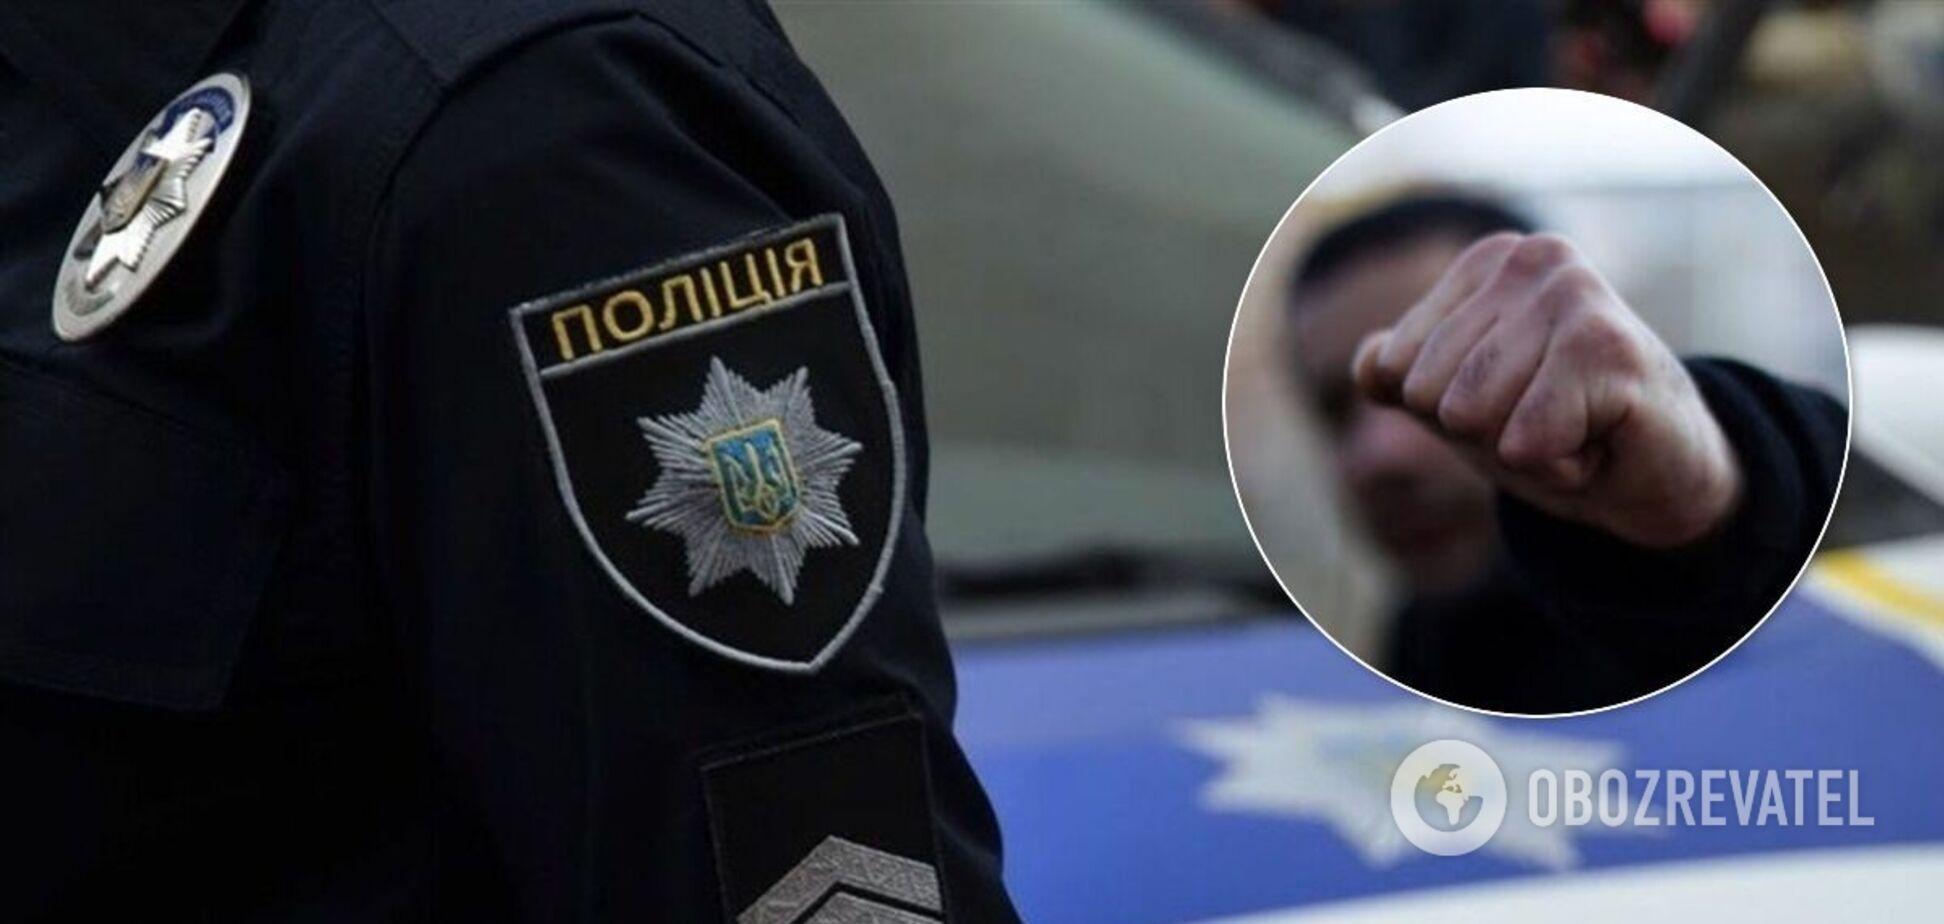 Підлітки до смерті побили чоловіка на Миколаївщині